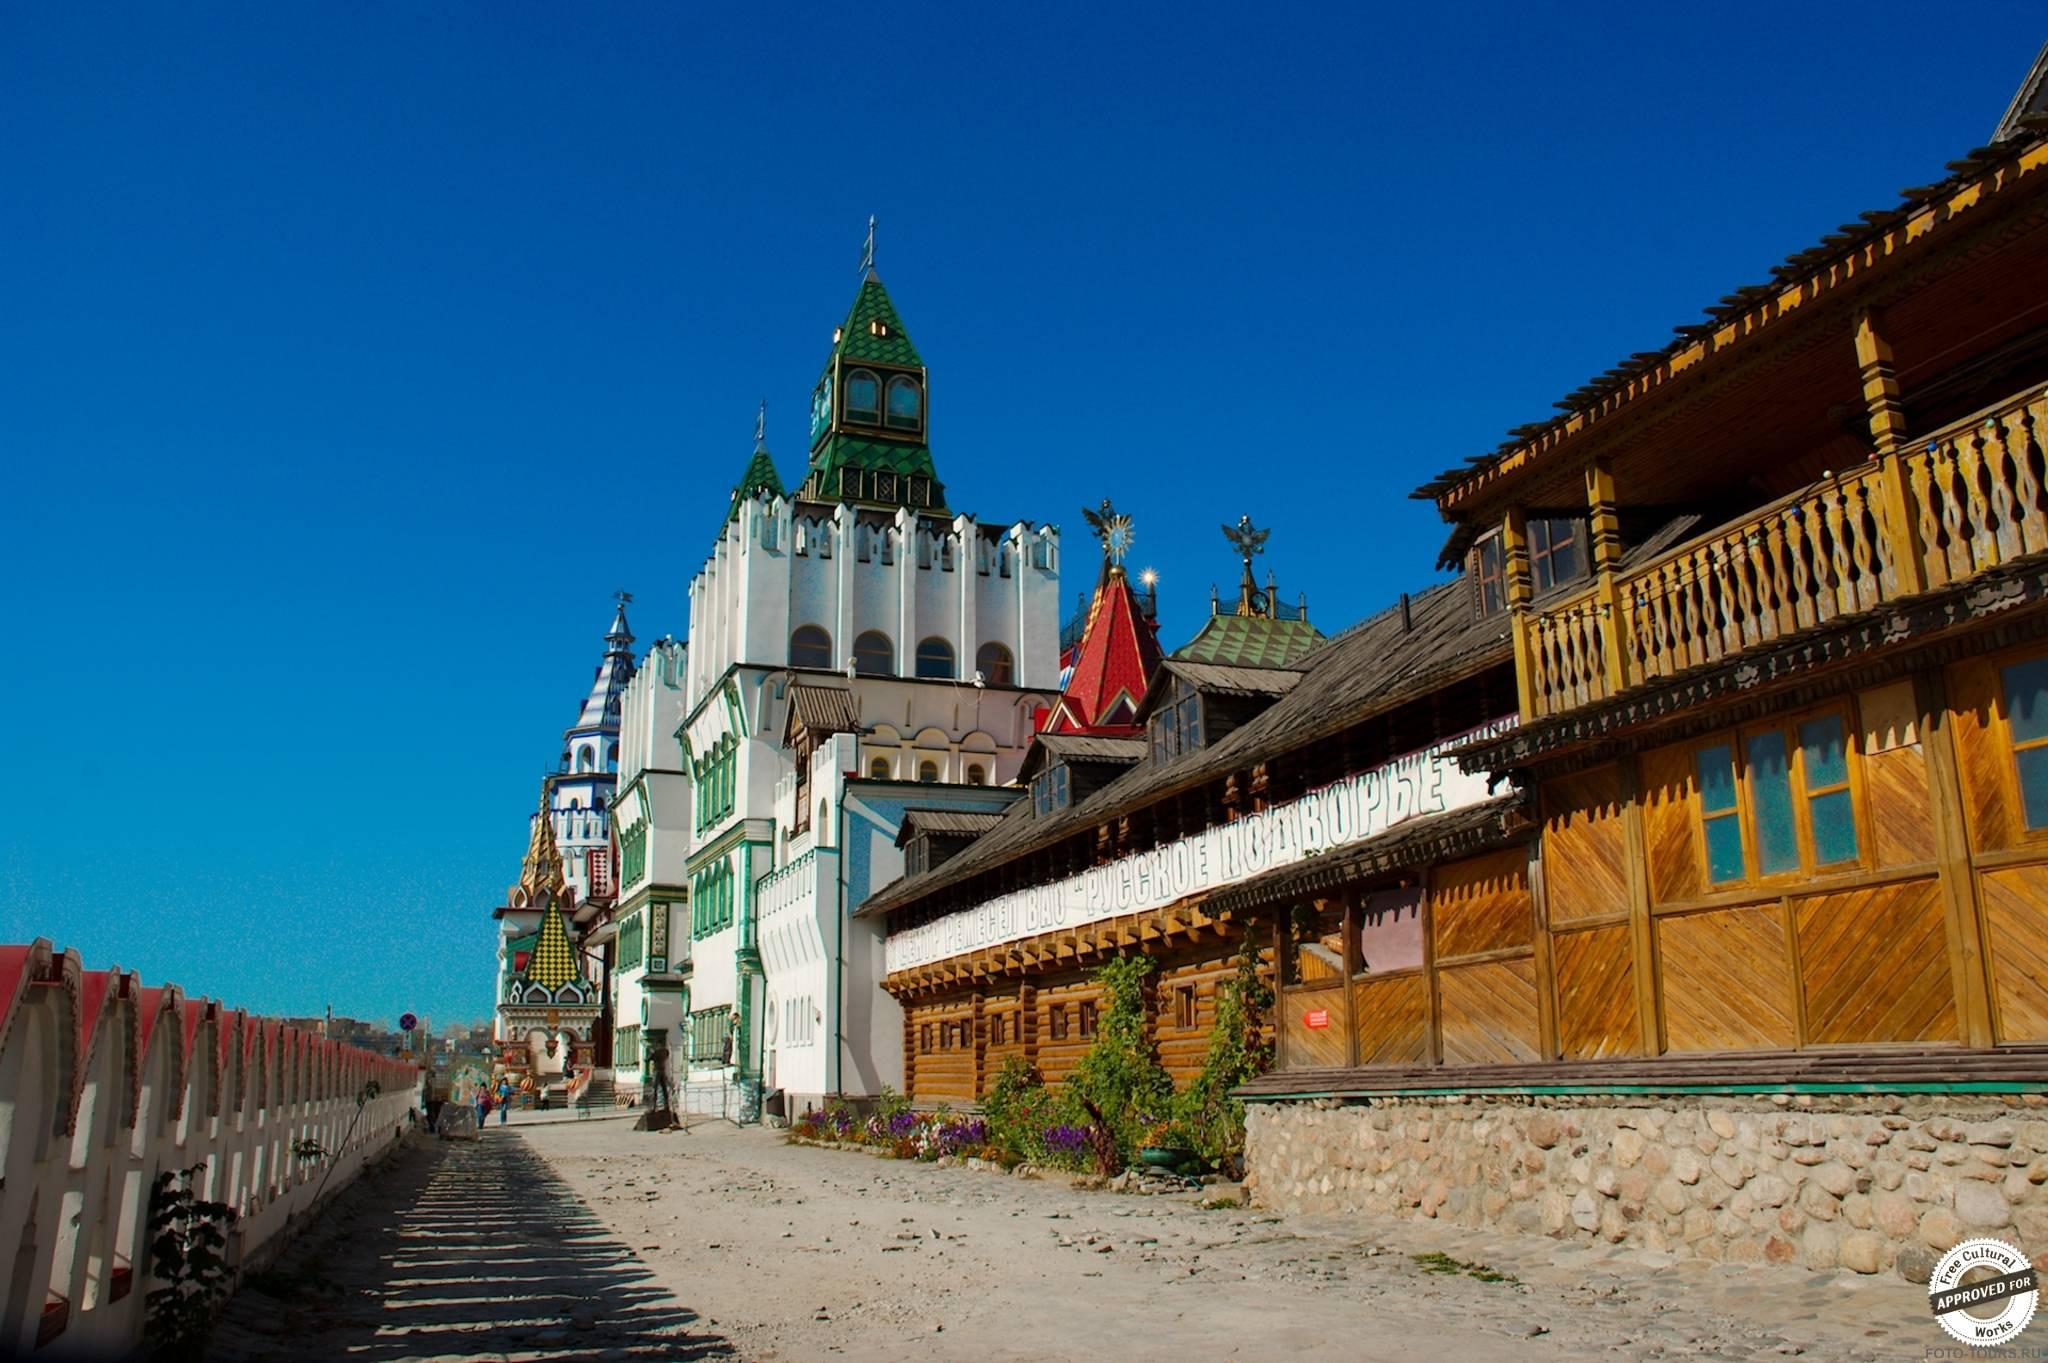 Измайловский кремль, Измайлово, Парки москвы.